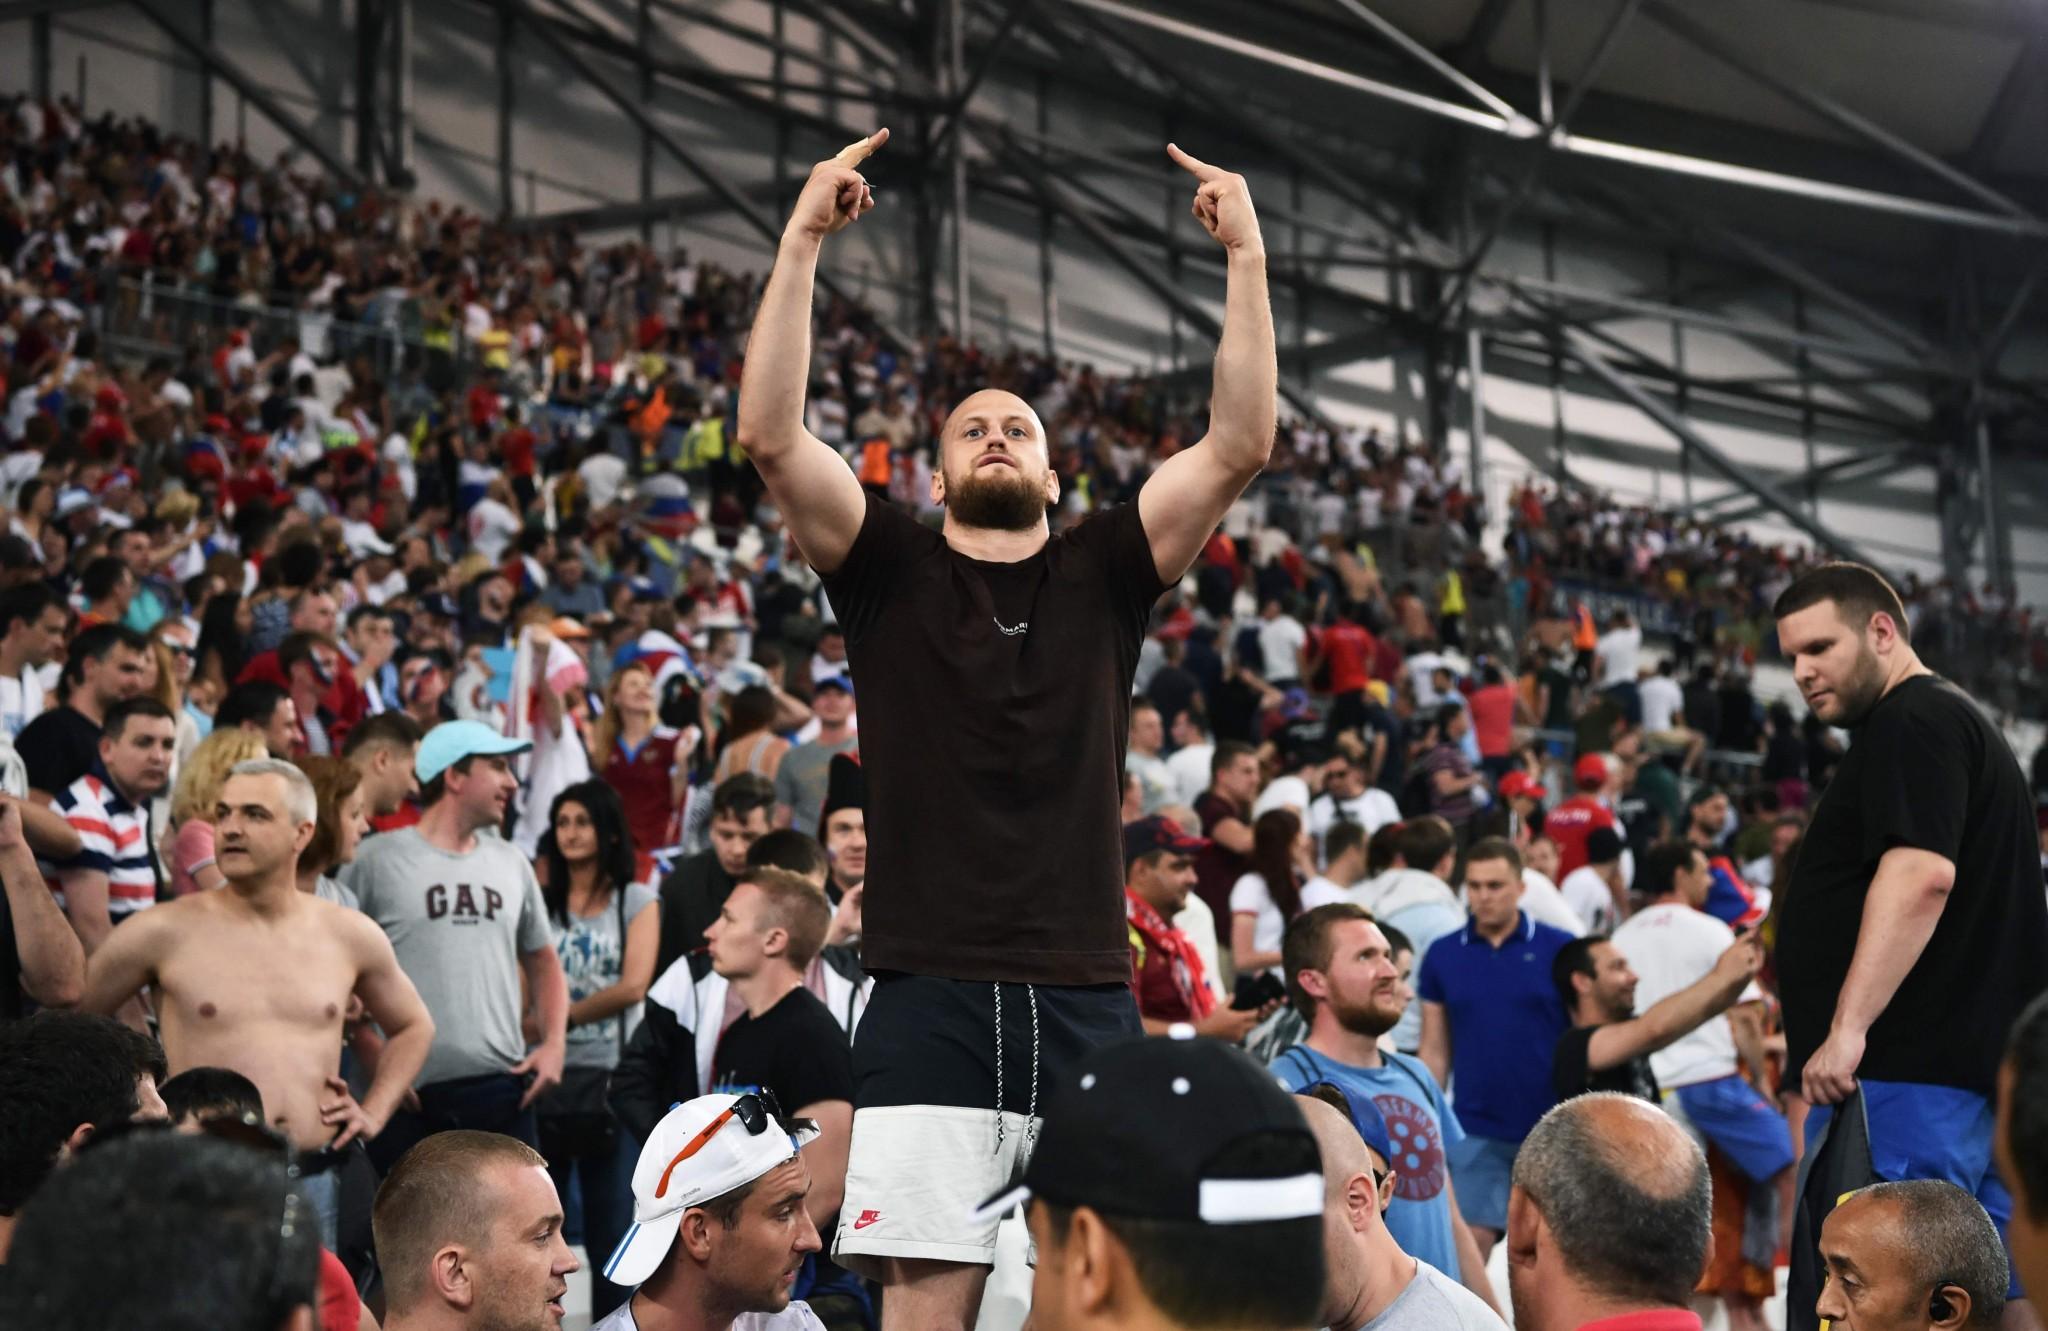 'Maak van vechtpartijen voetbalhooligans een sport ...